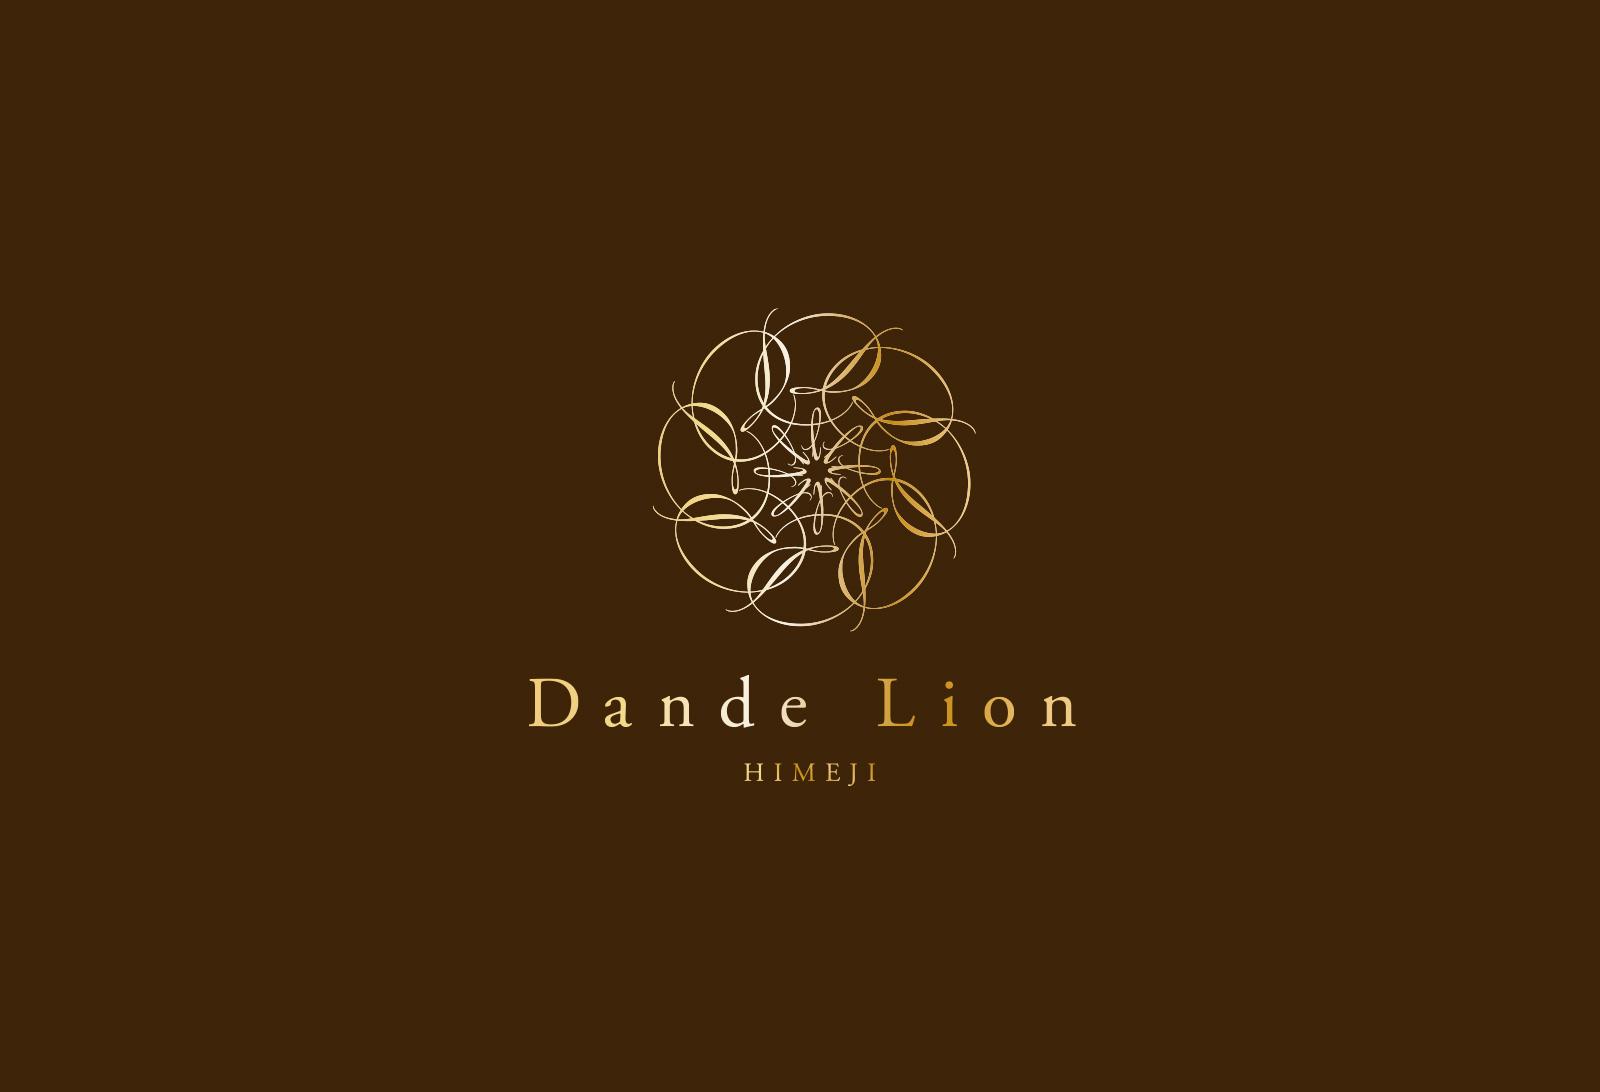 Dande Lionロゴ